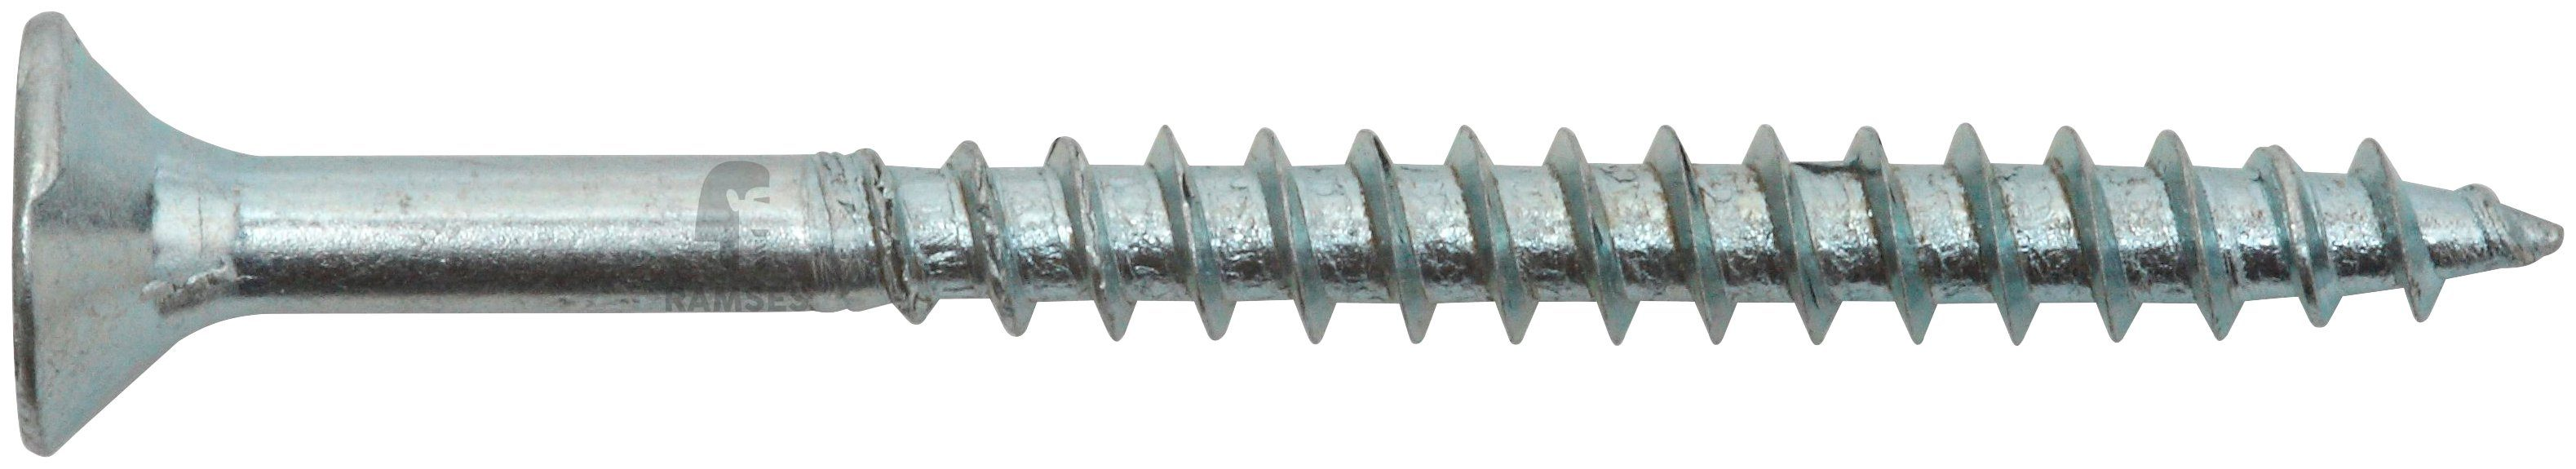 RAMSES Schrauben , Spanplattenschraube 6 x 160 mm PZ3 100 Stk.